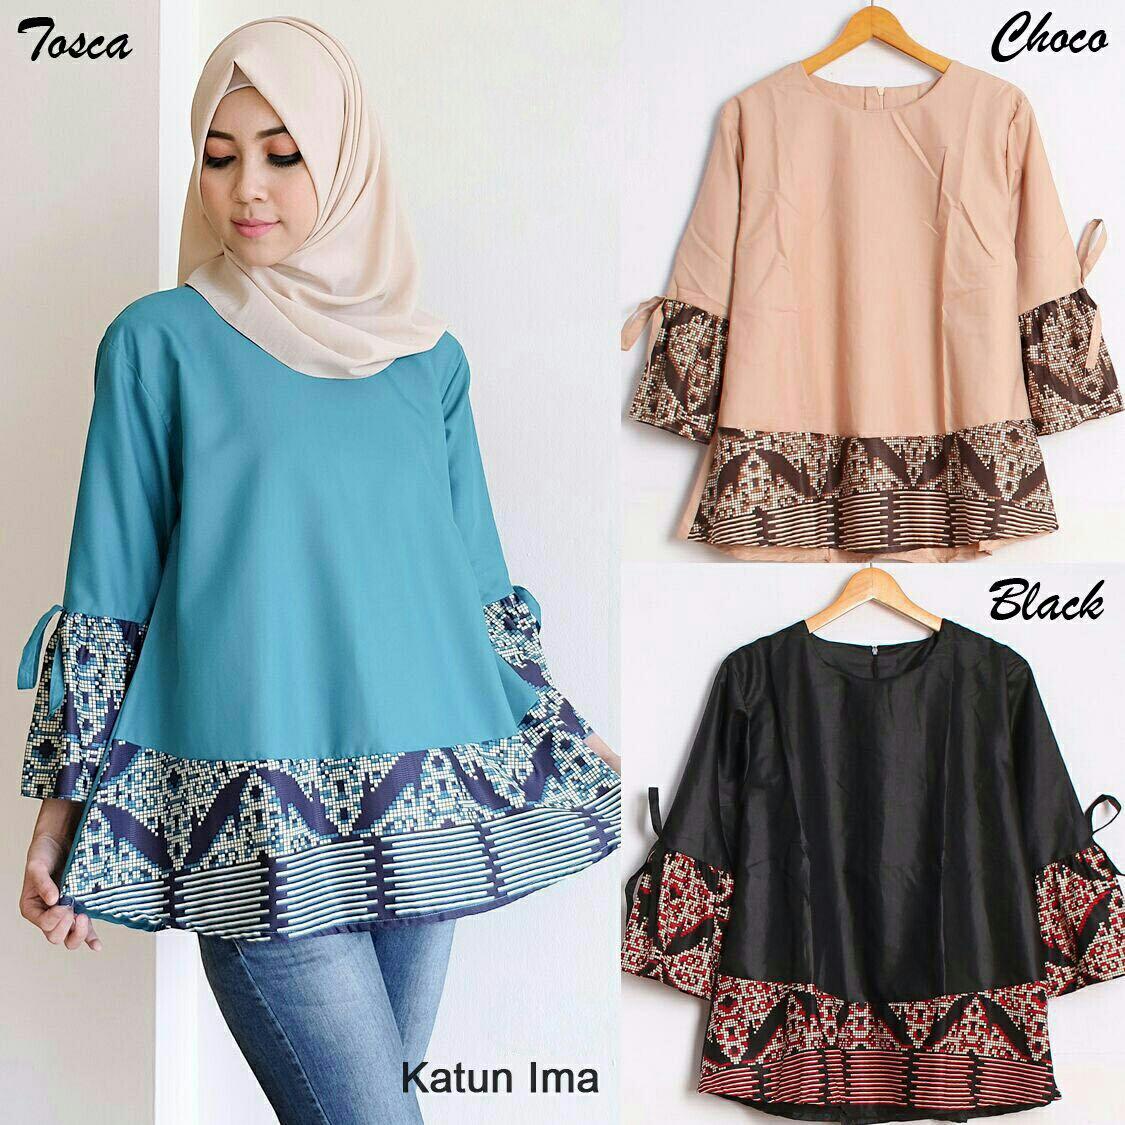 Baju Batik Kombinasi Batik: Baju Lengan Panjang Kombinasi Batik Untuk Wanita Berjilbab